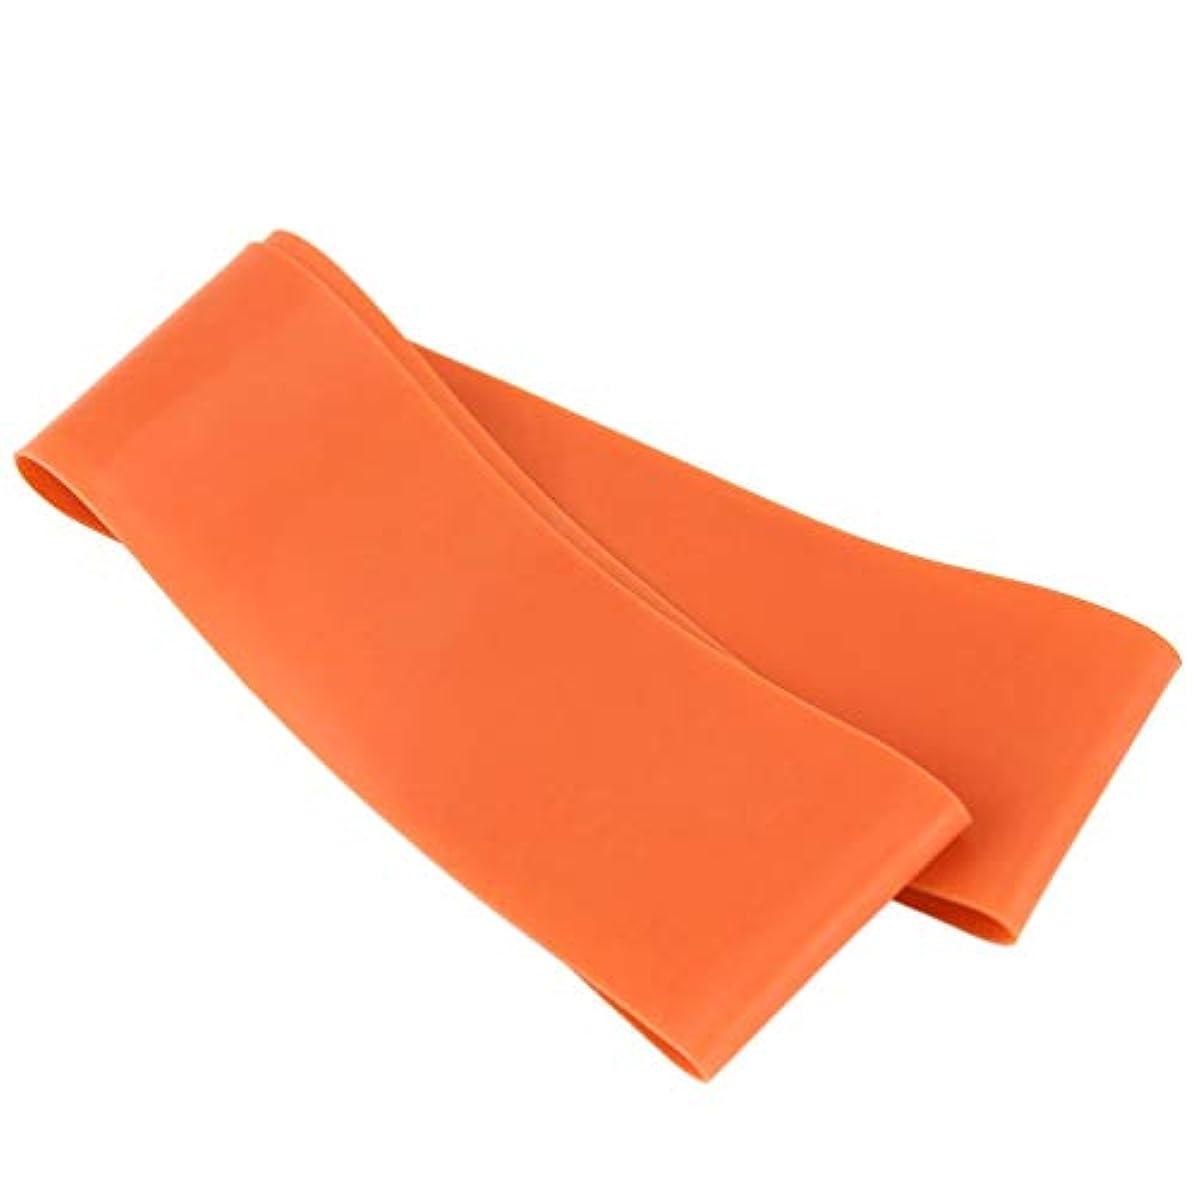 以下実験絶滅させる滑り止めの伸縮性のあるゴム製伸縮性がある伸縮性があるヨガベルトバンド引きロープの張力抵抗バンドループ強度のためのフィットネスヨガツール - オレンジ